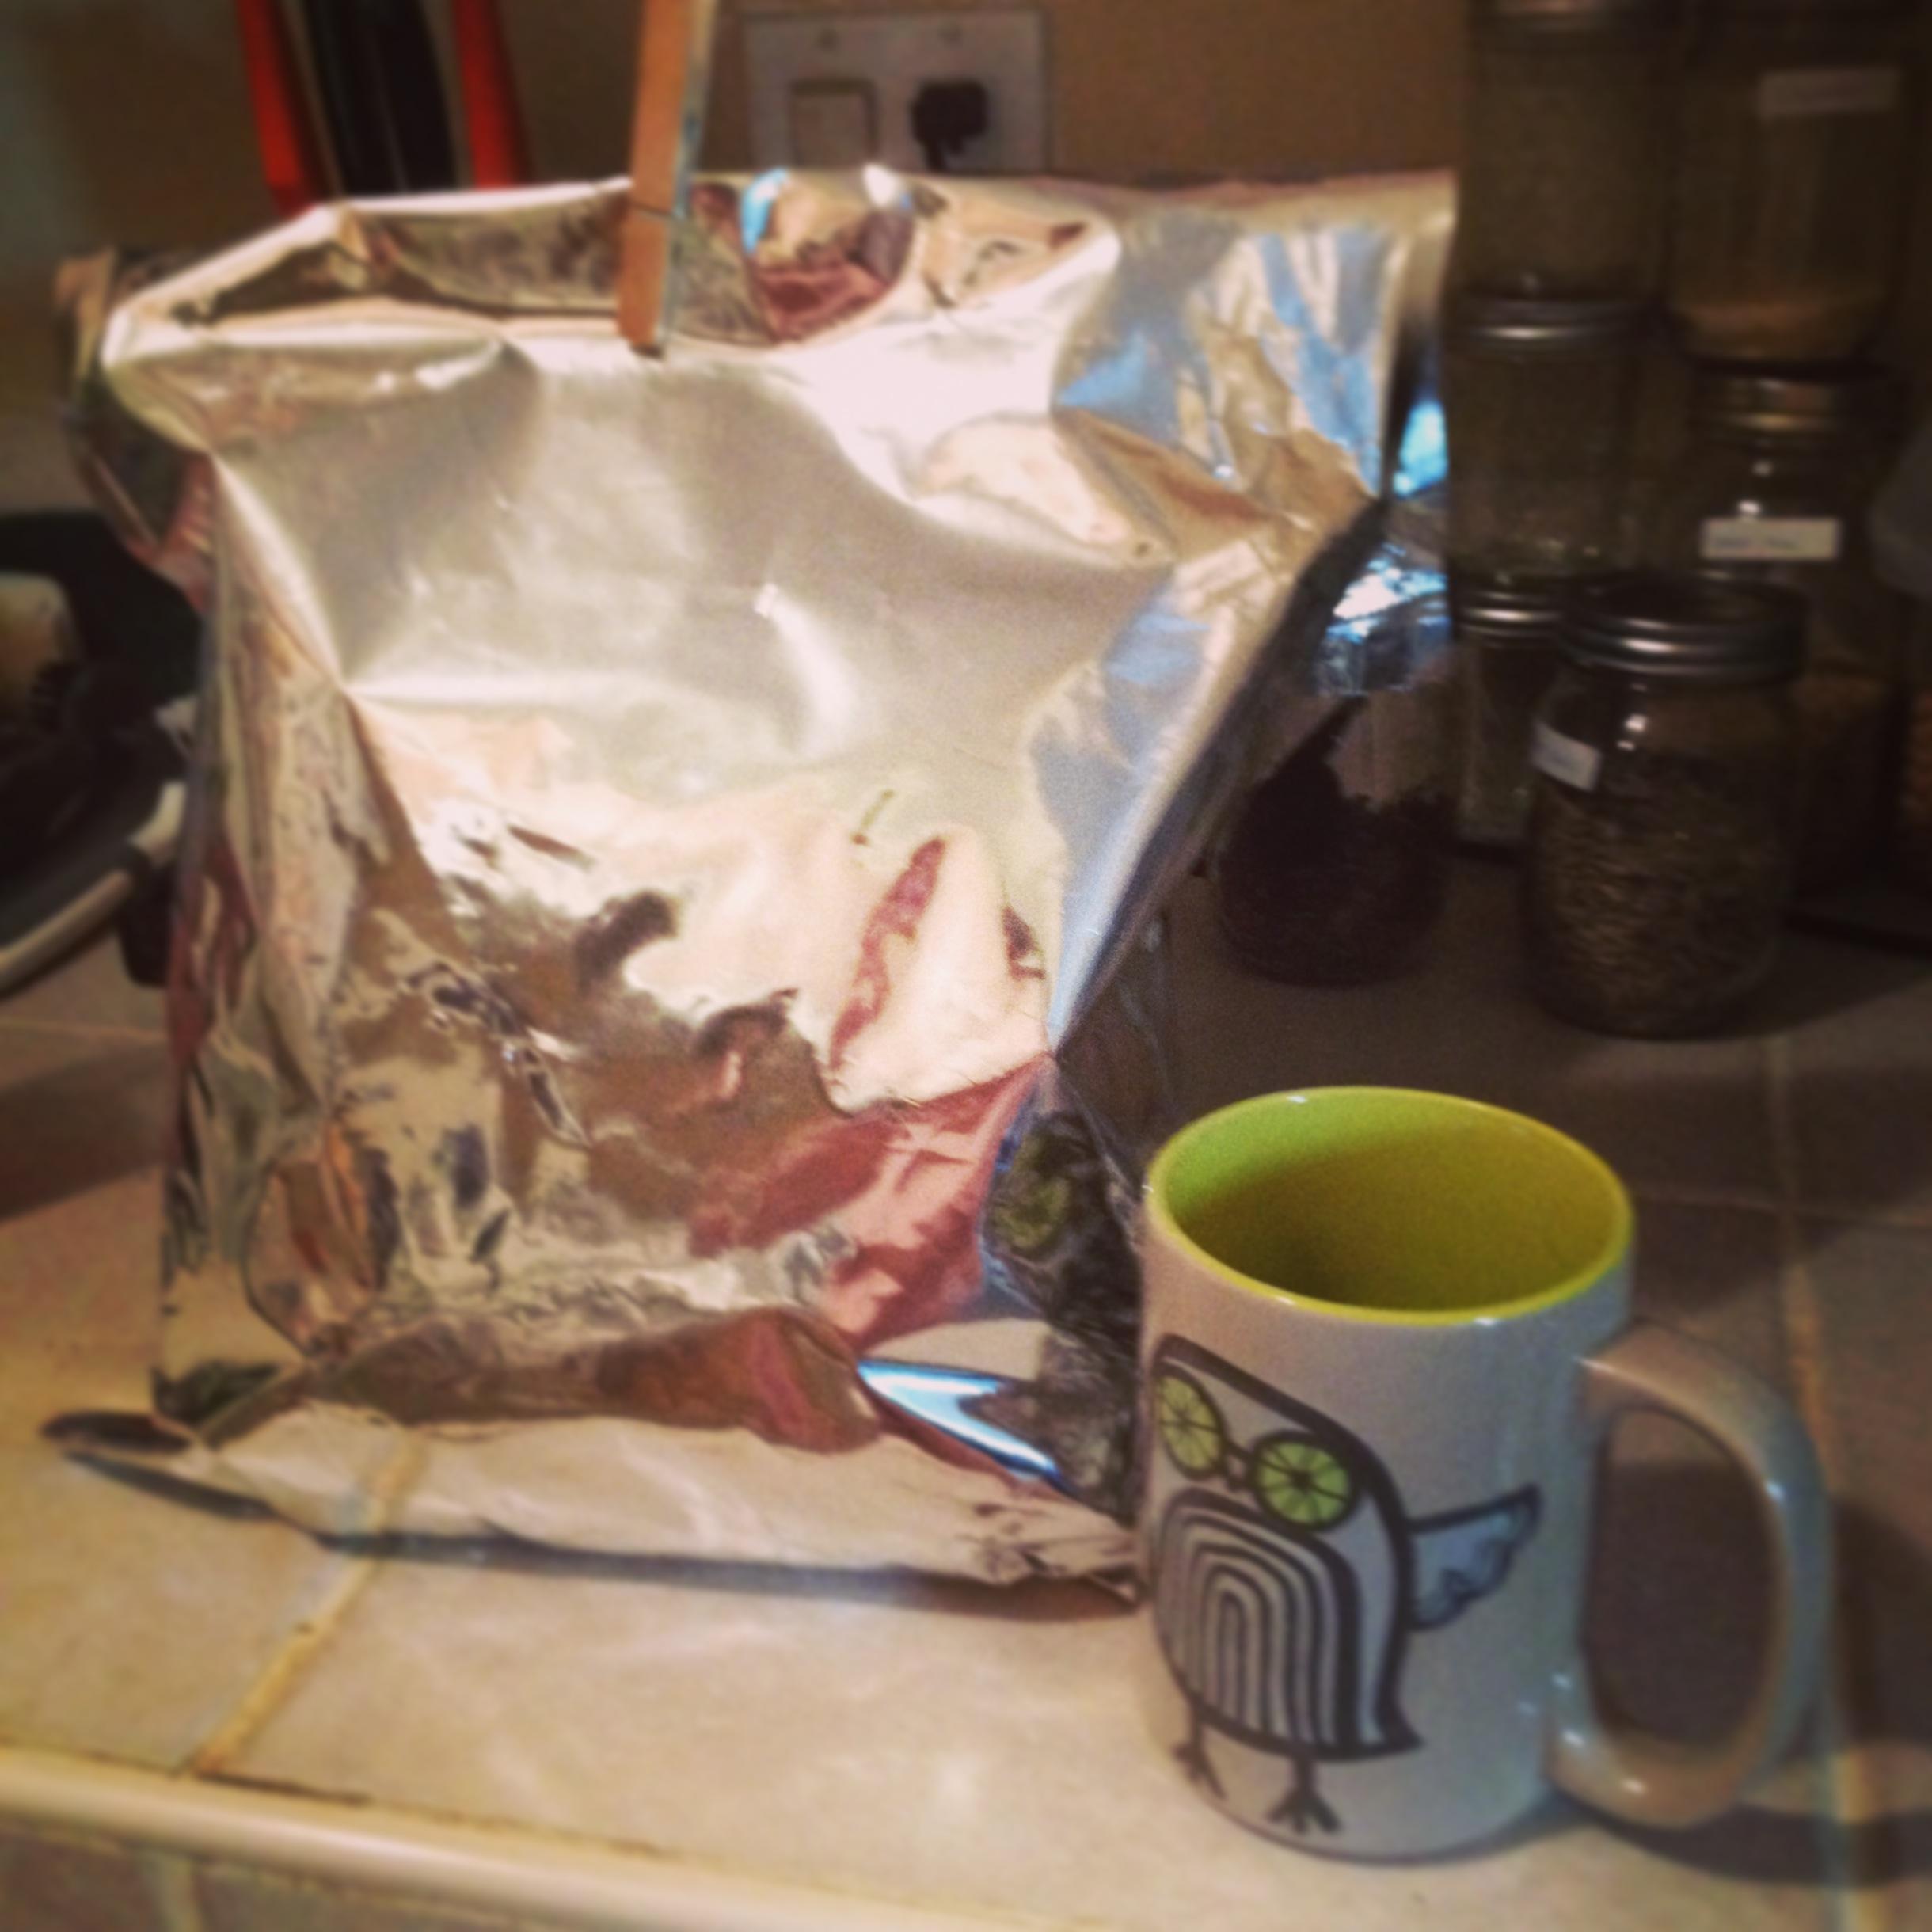 One huge bag of tea leaves!